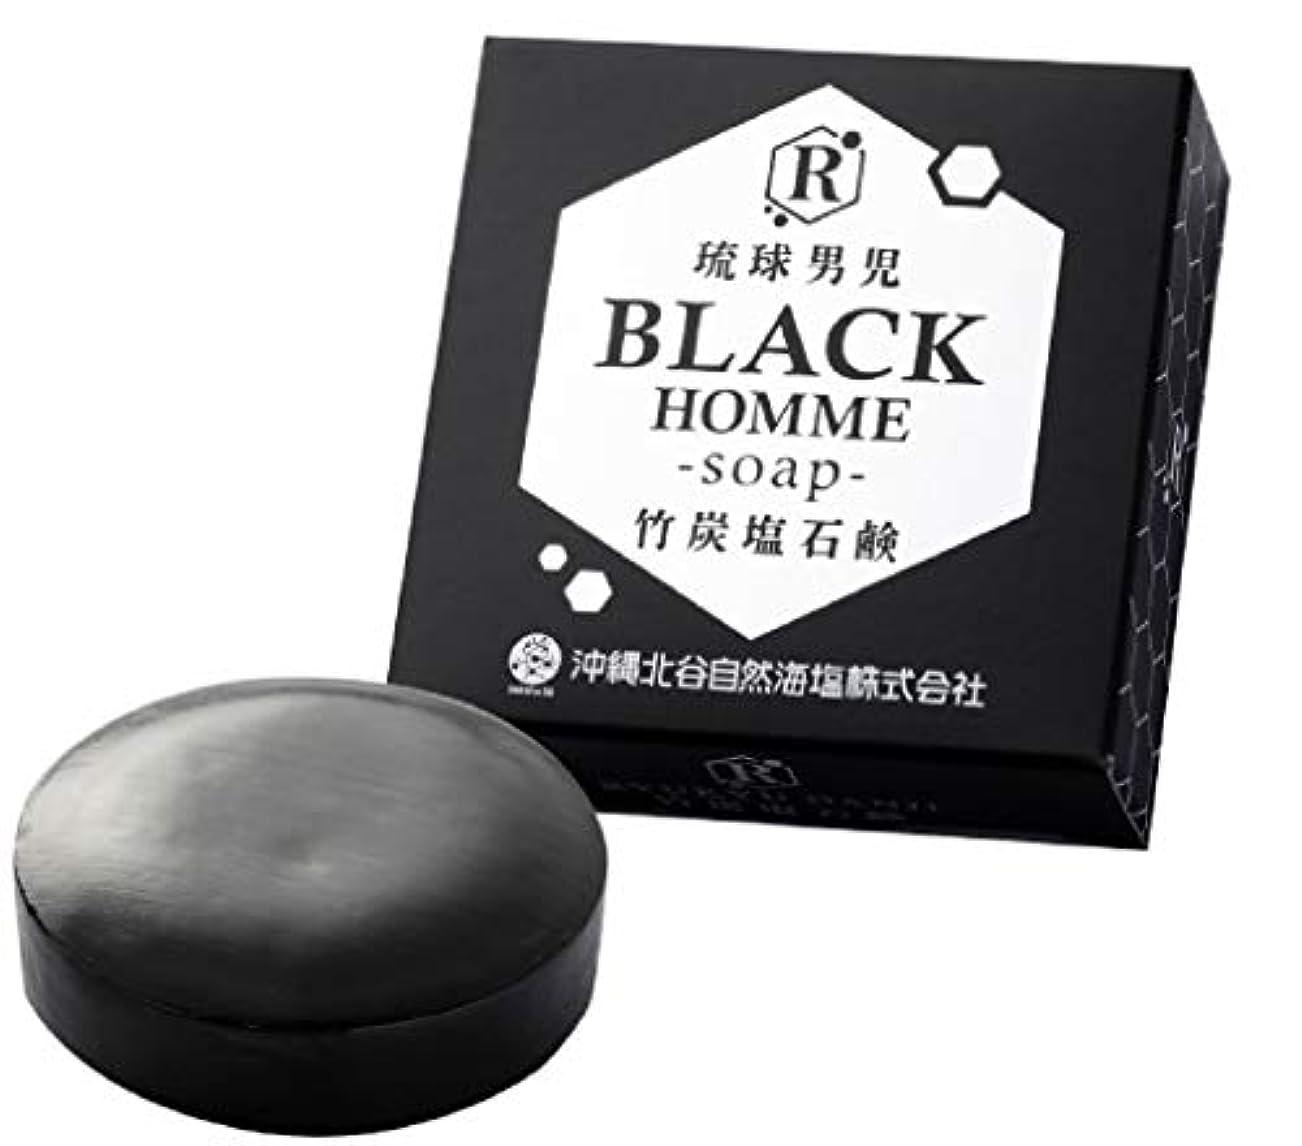 腐ったスポーツの試合を担当している人明確に【2個セット】琉球男児 竹炭塩石鹸 BLACK HOMME-soap- 60g 泡立てネット付き